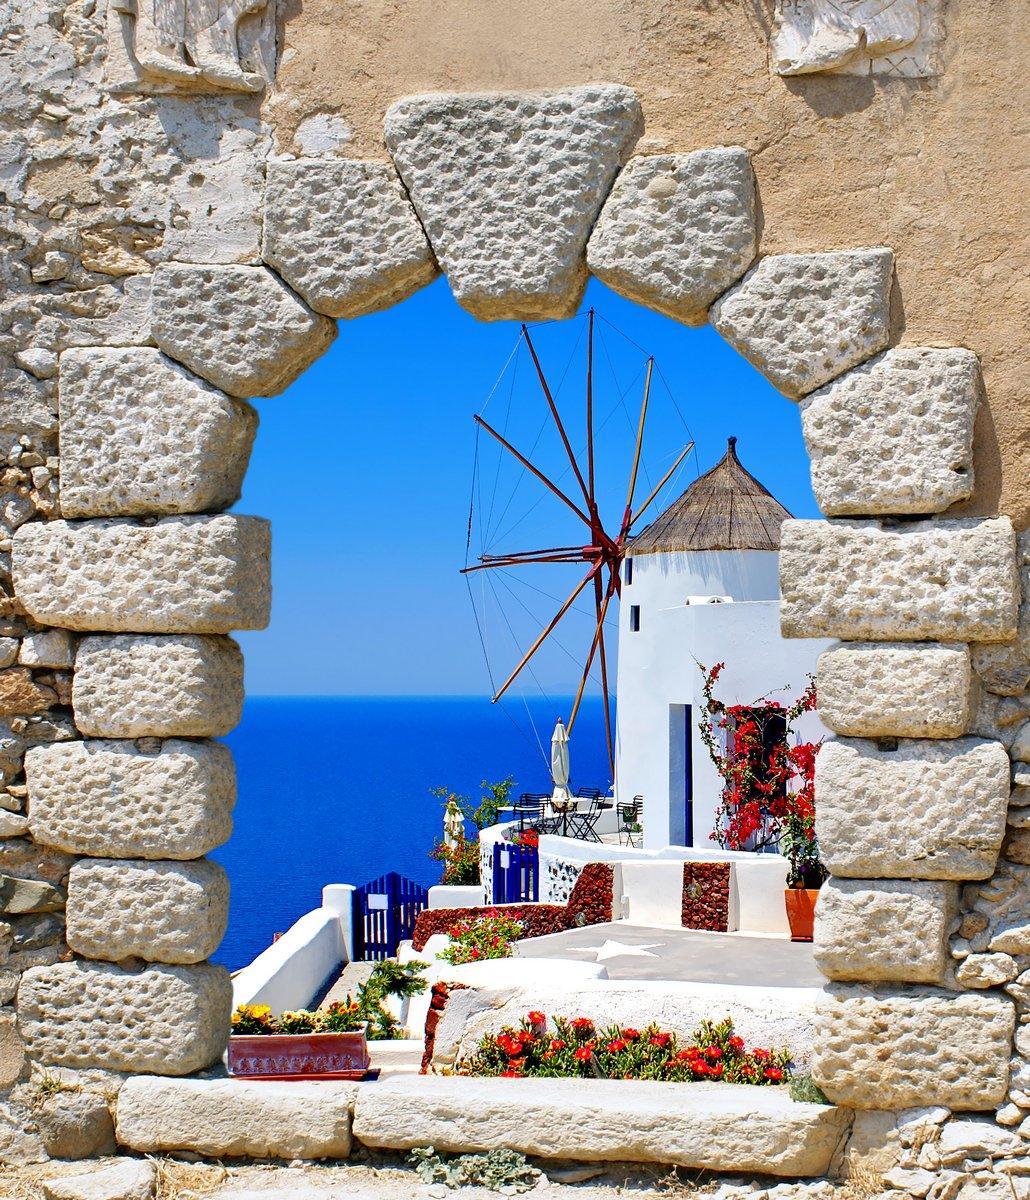 """Постер Города и карты """"Мельницу из старого окна на острове Санторини, Греция"""", 20x23 см, на бумаге от Artwall"""